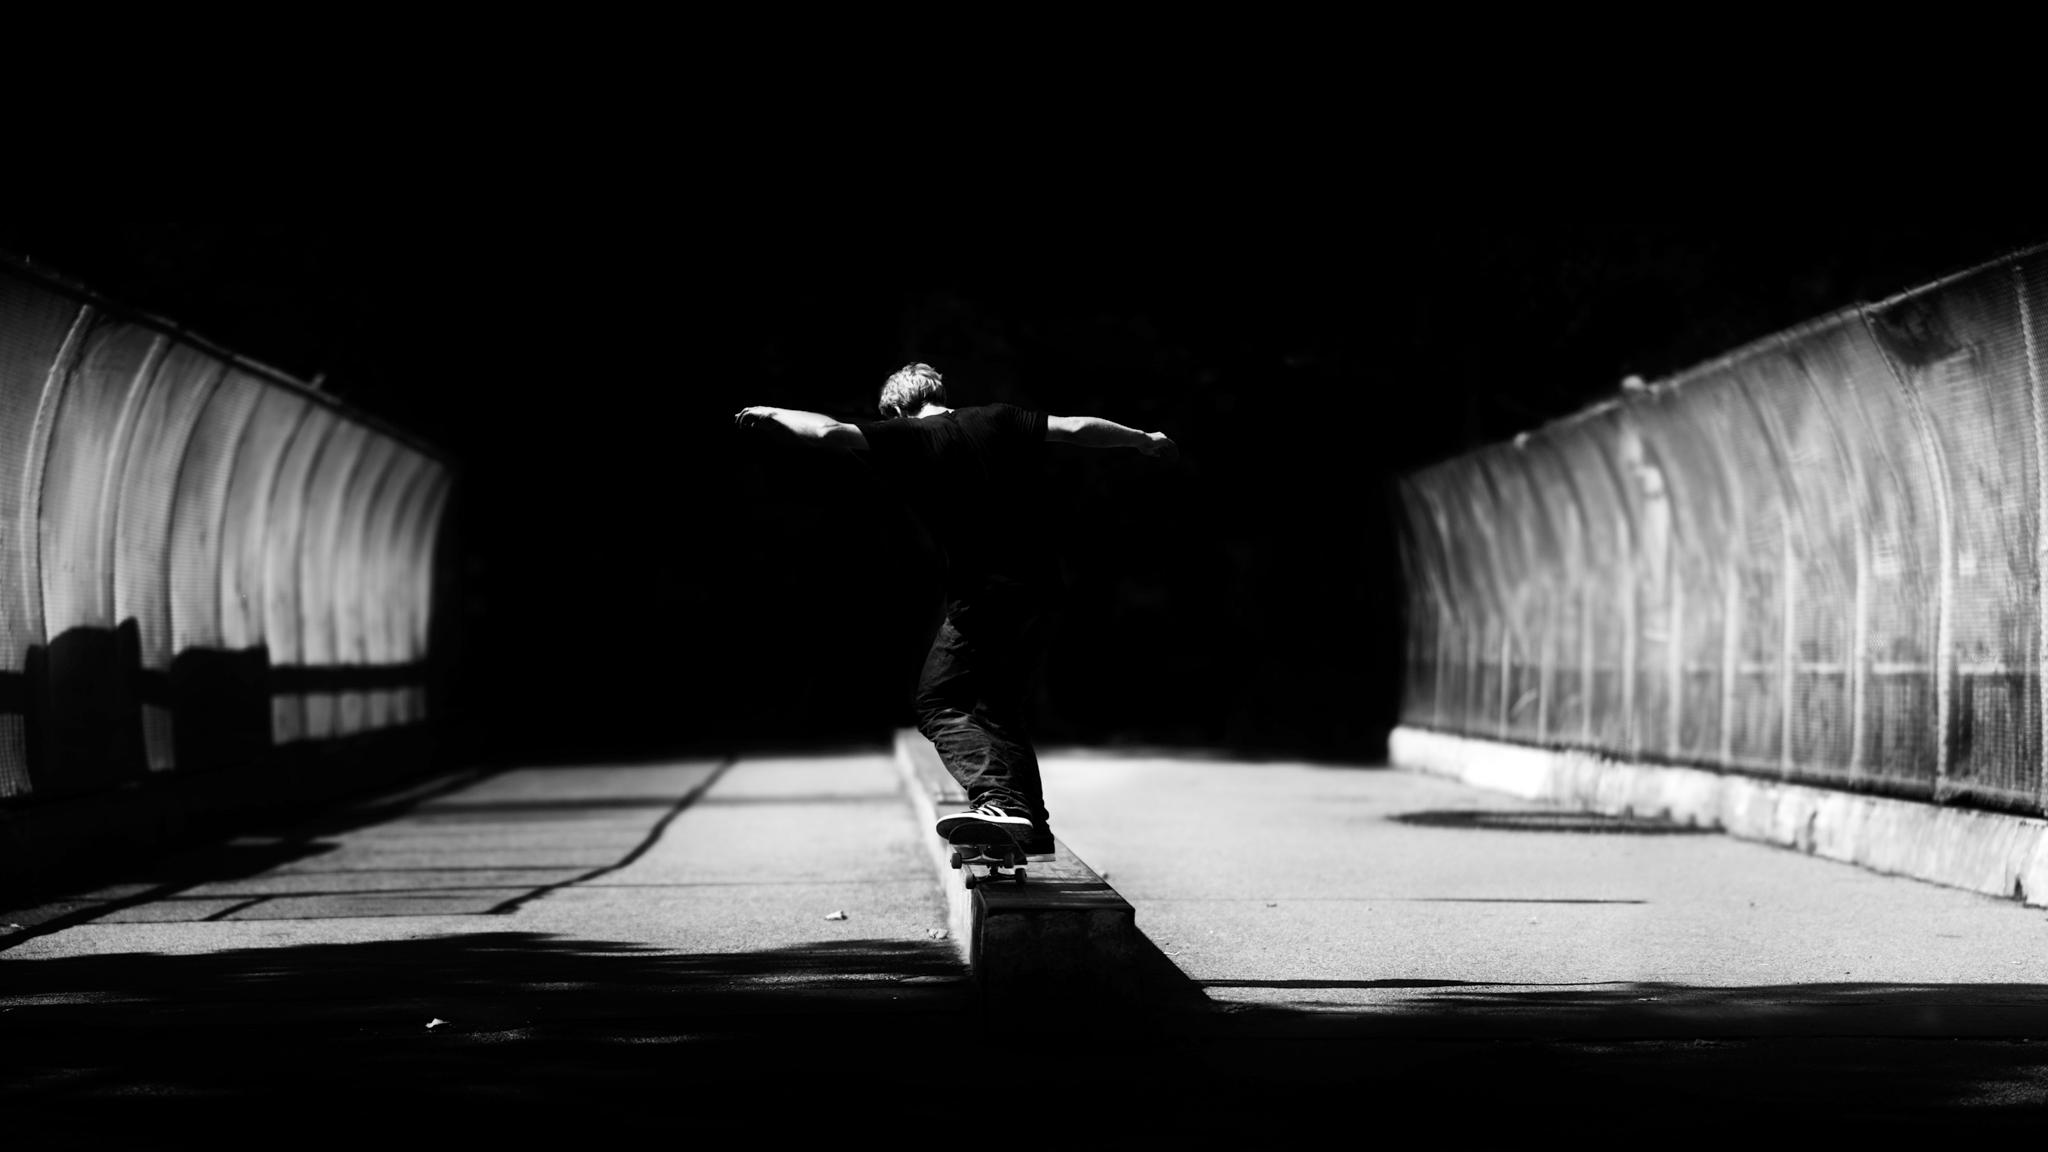 SKATEBOARD skateboarding skate h wallpaper | 2048x1152 | 195117 | WallpaperUP